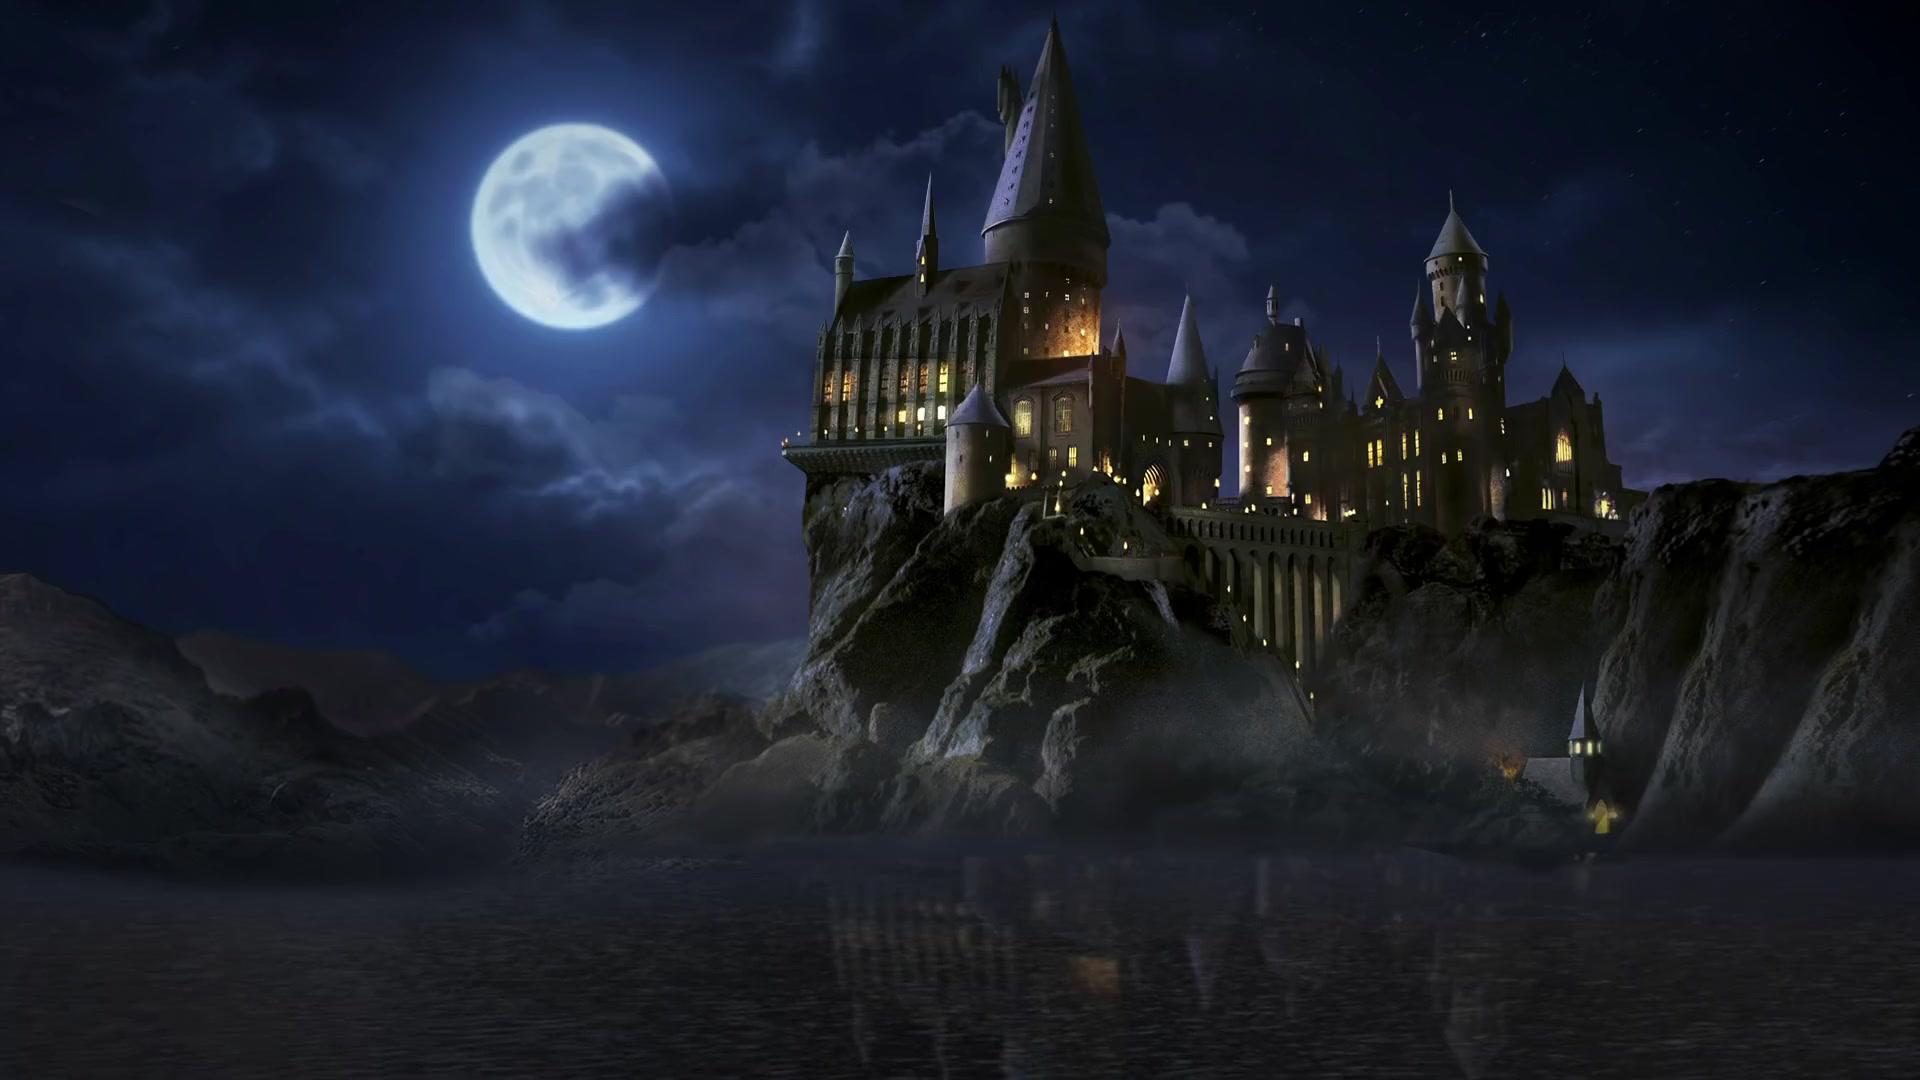 Люди увидели Хогвартс в небе и решили: магия существует. Но она оказалась ни при чём - это было чудо природы